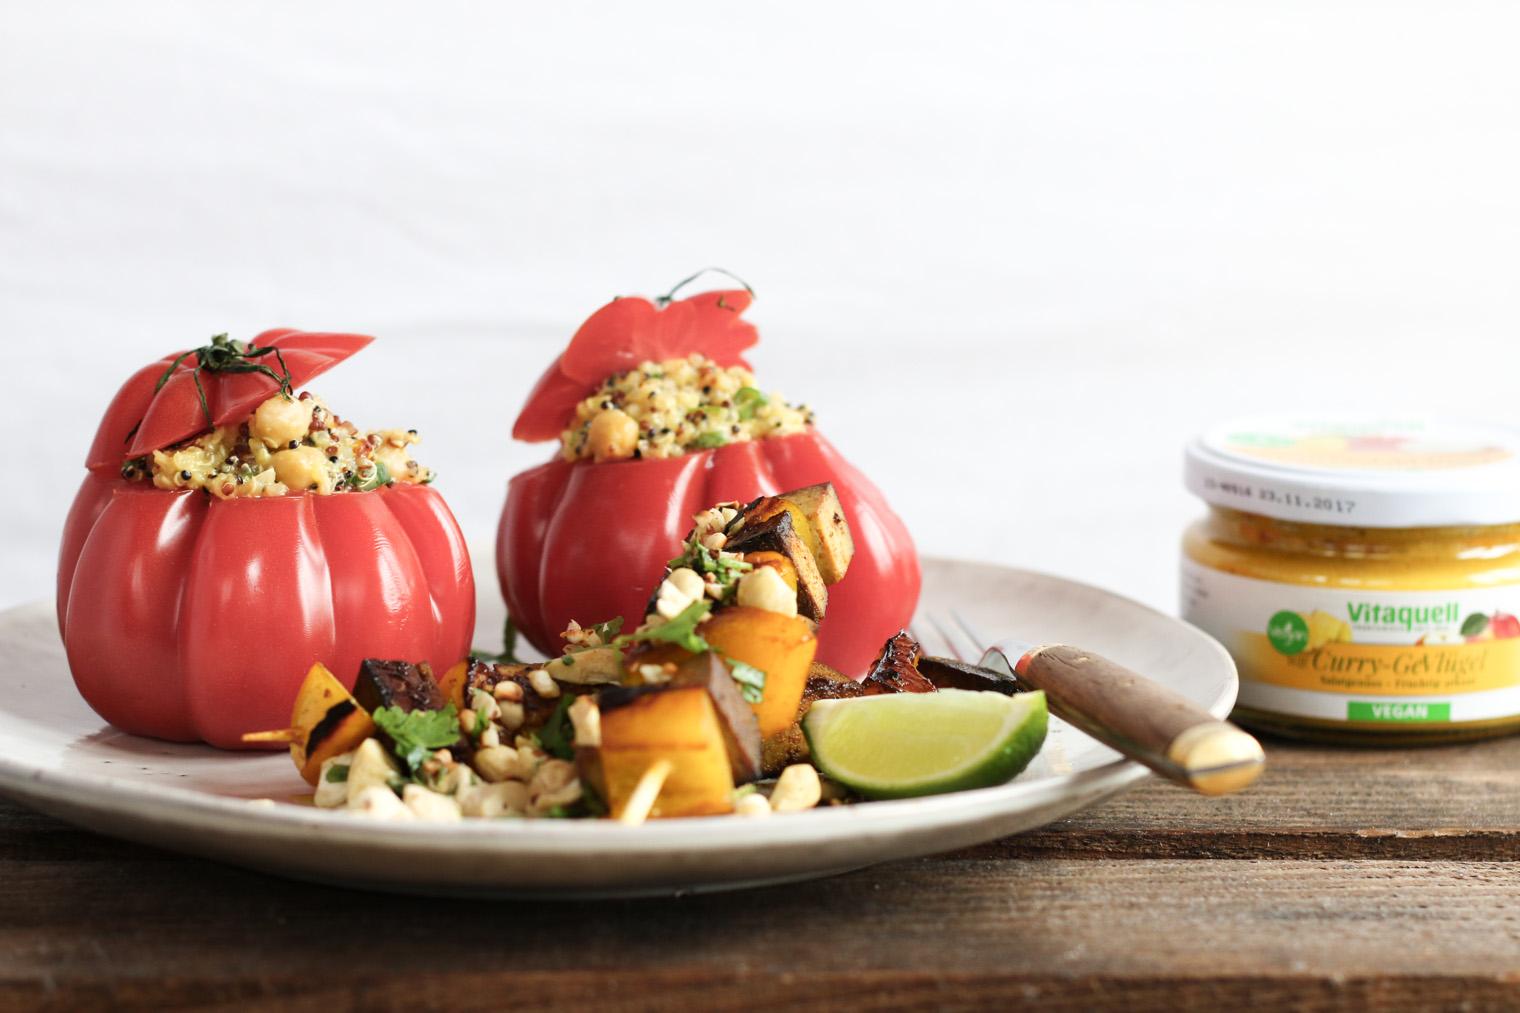 Gartenfest: Zweierlei gegrillter Ananas & Curry Quinoa Salat {flowers on my plate}